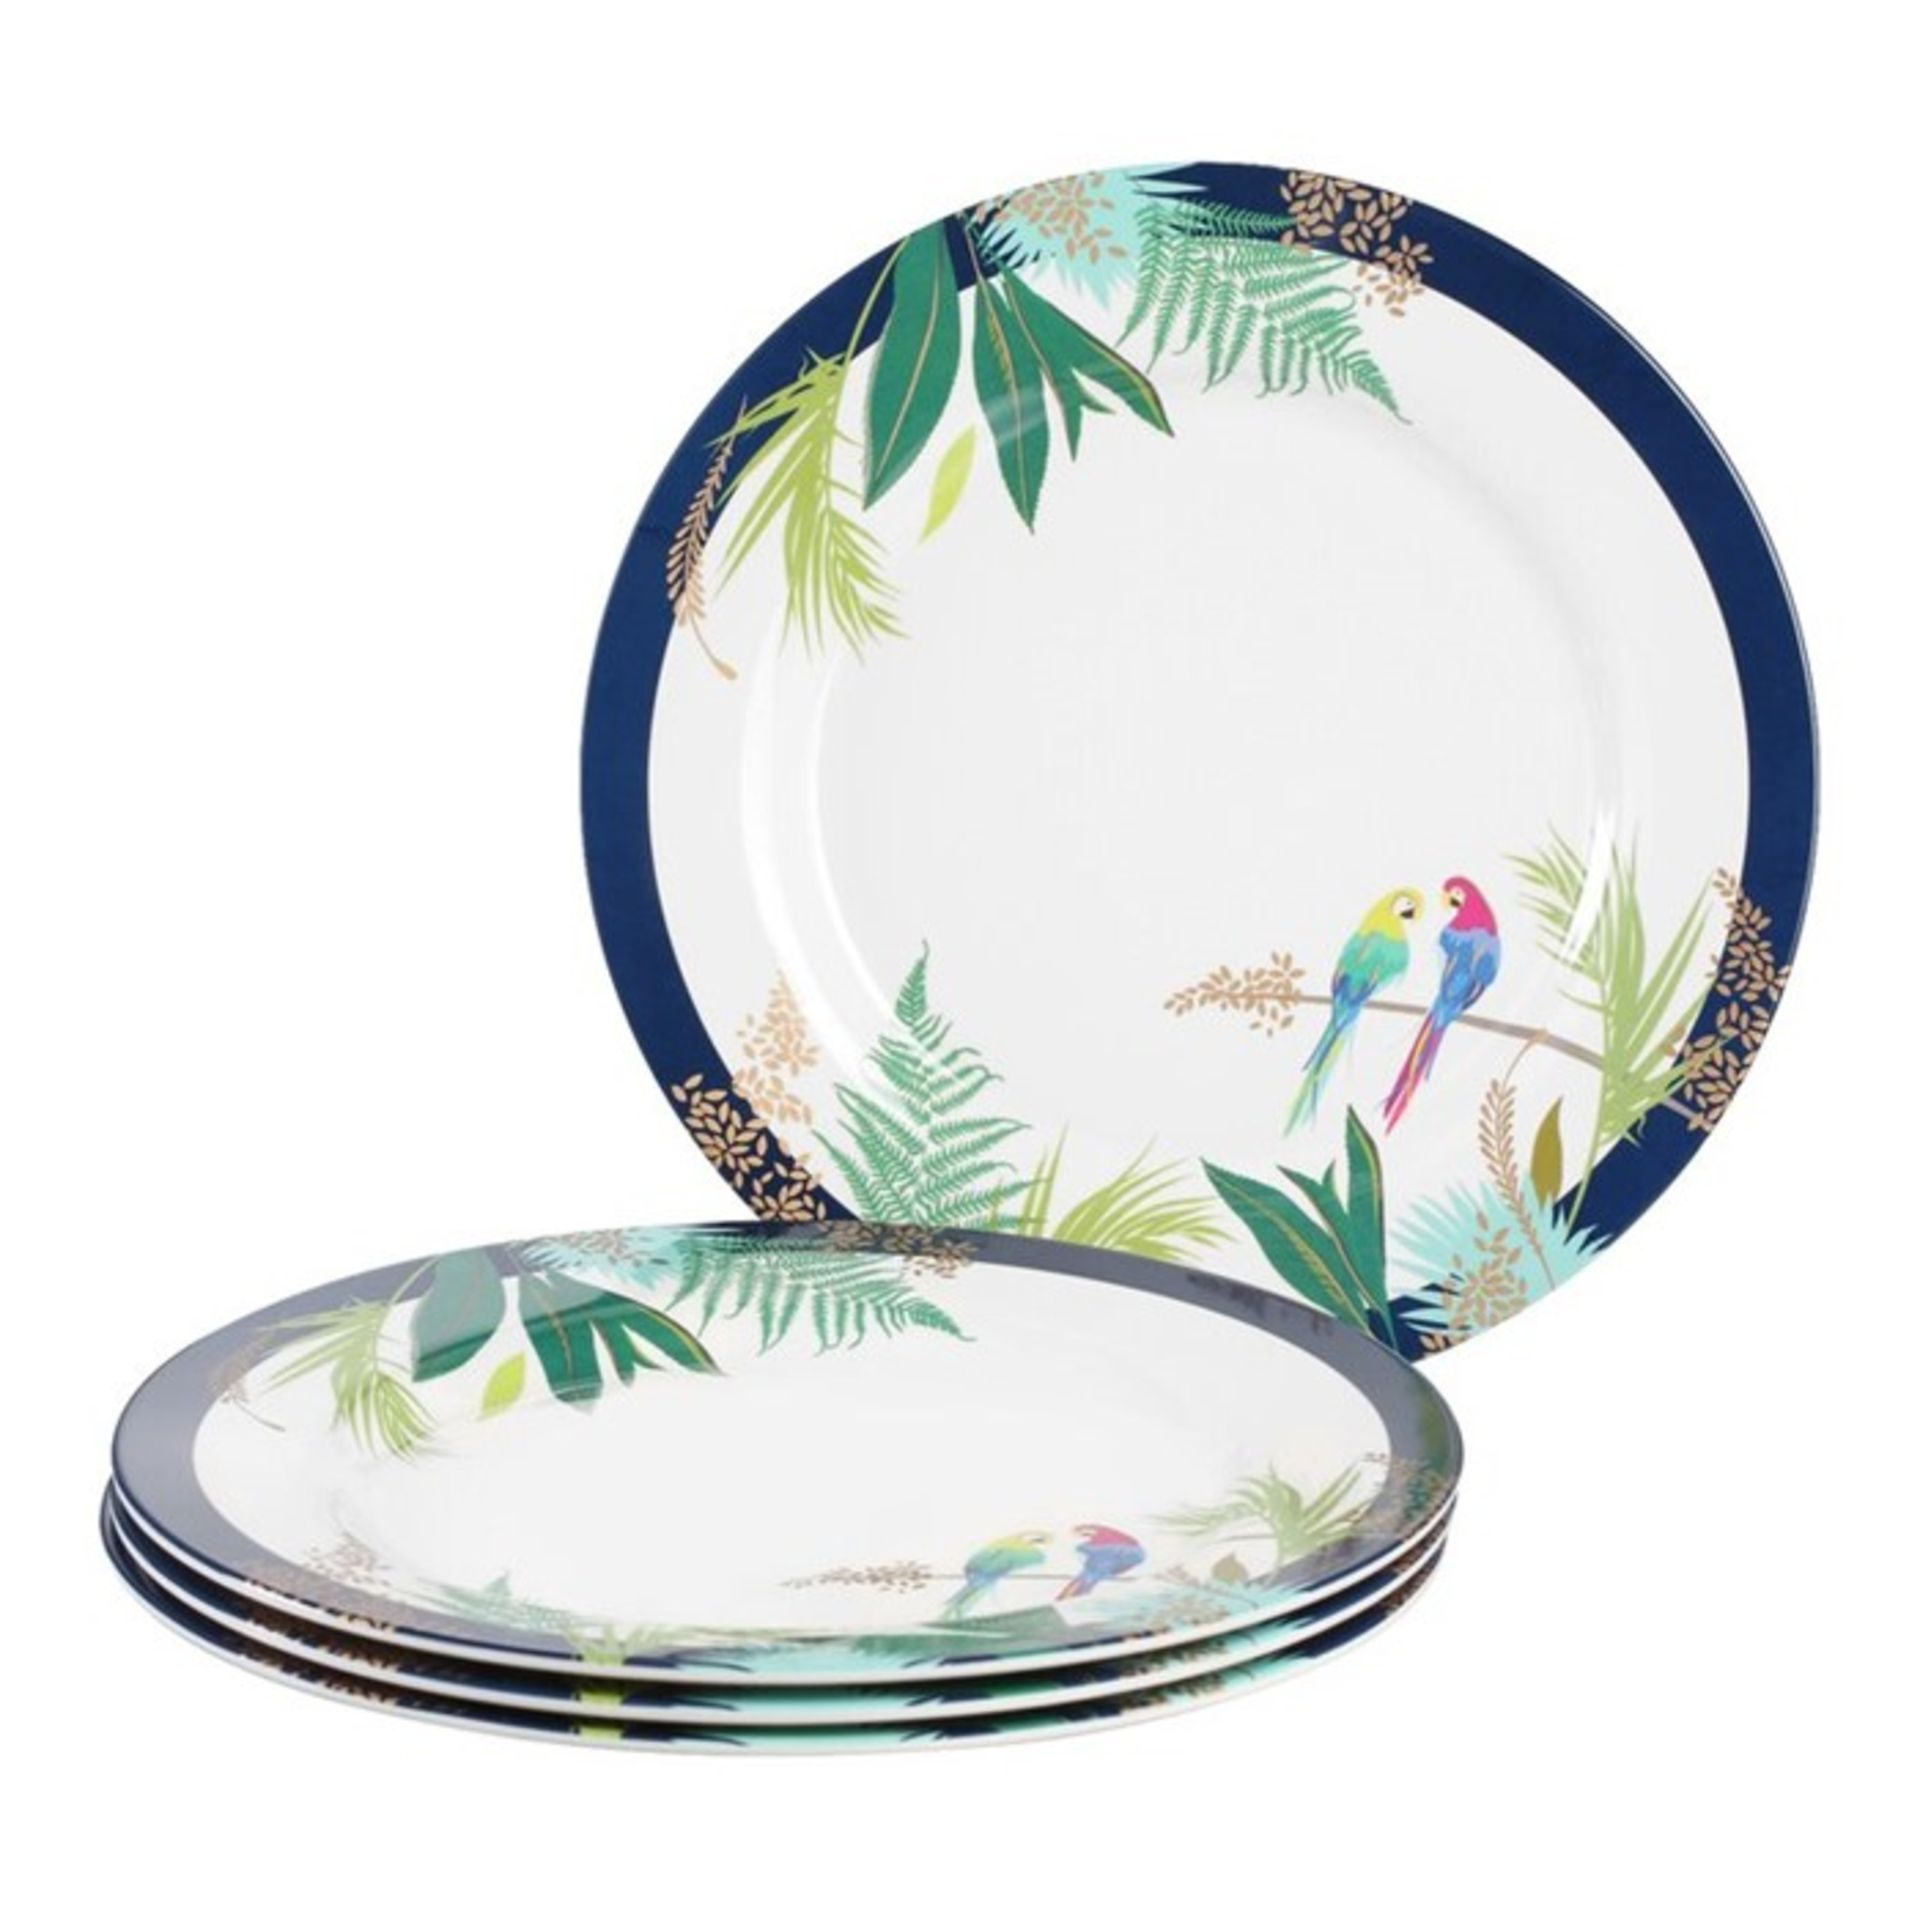 Portmeirion, Sara Miller Melamine Dinner Plate (SET OF 4) - RRP£29.97 (PMN10708 - 21458/41) 2D